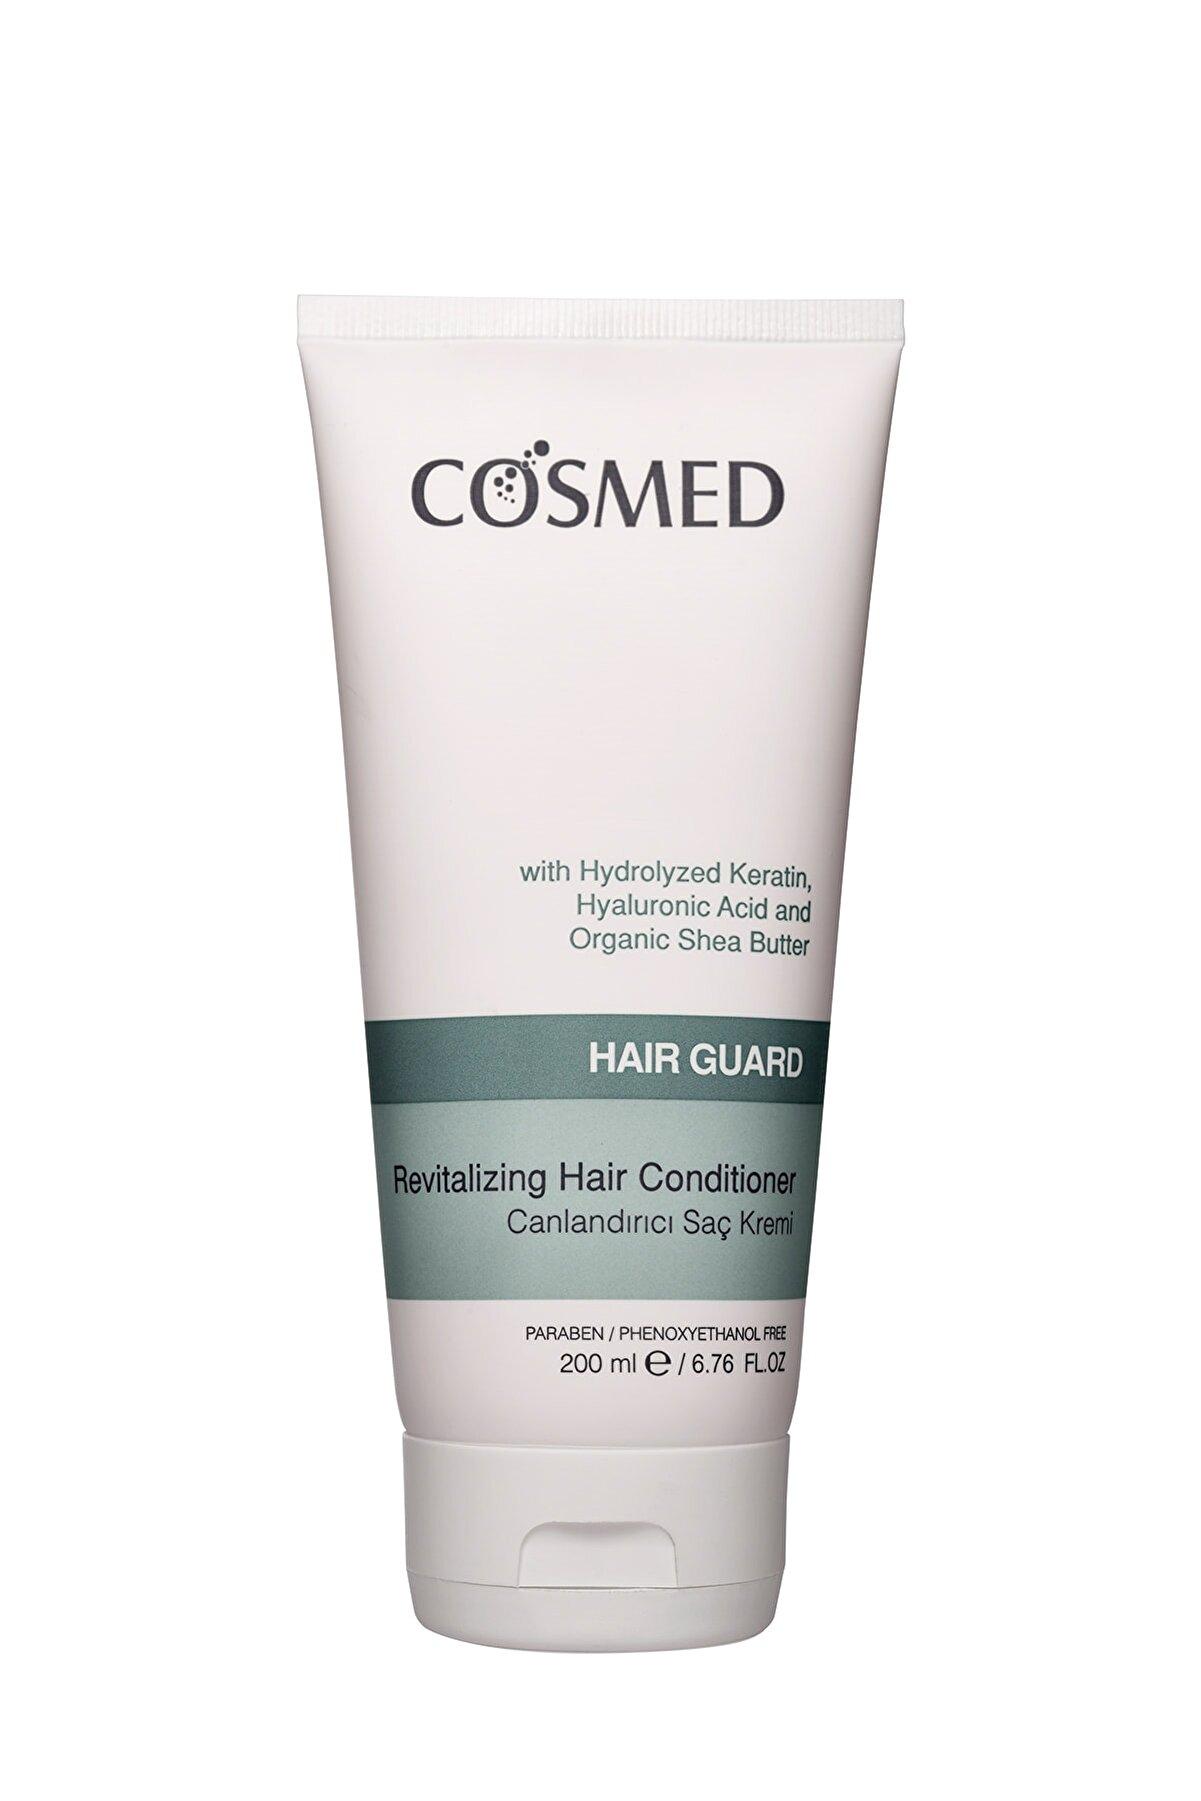 COSMED Besleyici & Nemlendirici Saç Kremi Nourishing &moisturizing Hair Conditioner 200 Ml 8699292991053